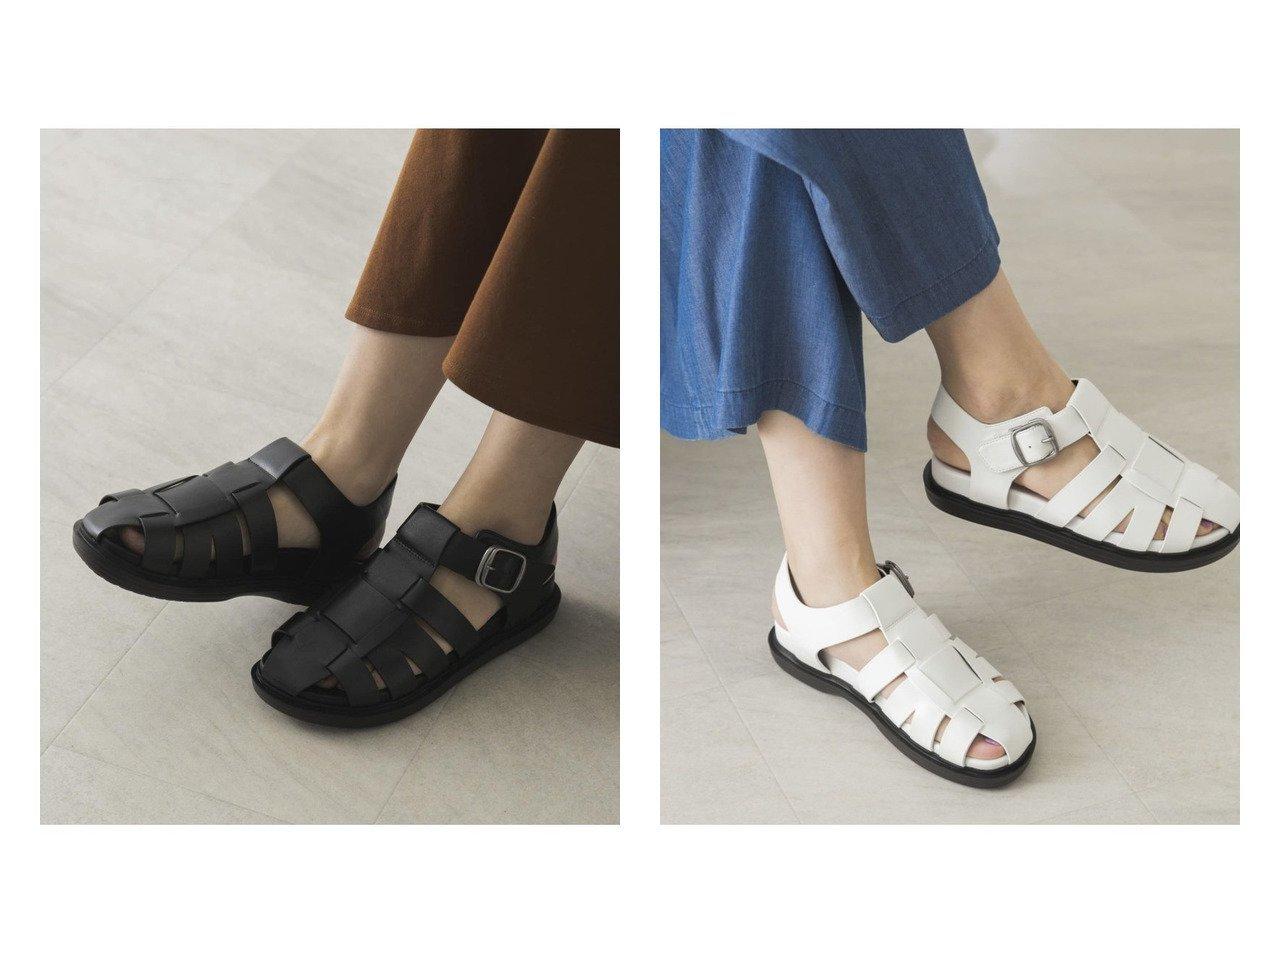 【URBAN RESEARCH/アーバンリサーチ】のグルカサンダル 【シューズ・靴】おすすめ!人気、トレンド・レディースファッションの通販 おすすめで人気の流行・トレンド、ファッションの通販商品 インテリア・家具・メンズファッション・キッズファッション・レディースファッション・服の通販 founy(ファニー) https://founy.com/ ファッション Fashion レディースファッション WOMEN エアリー サンダル シューズ トレンド ミュール リネン 夏 Summer  ID:crp329100000052549